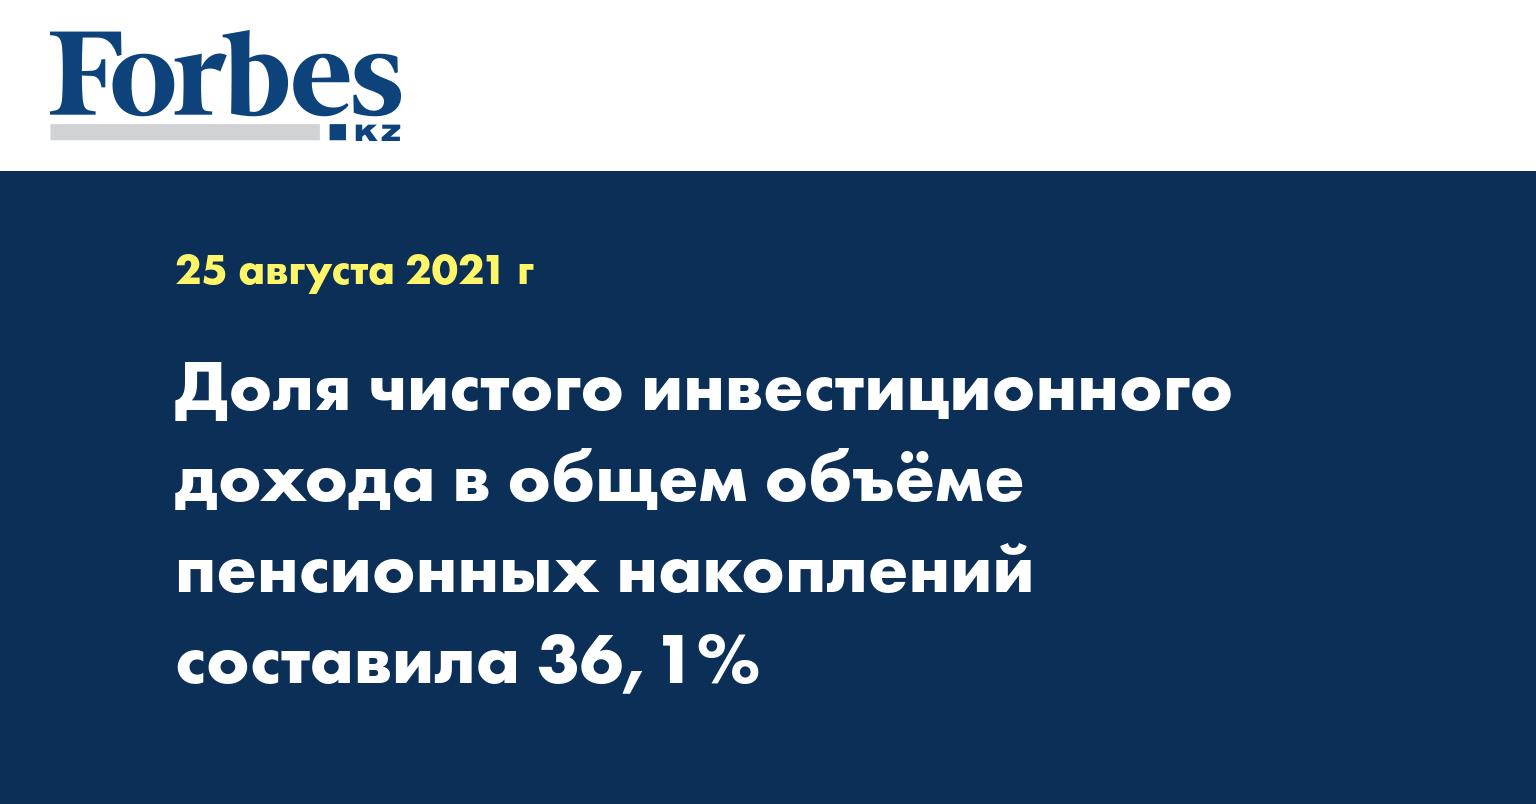 Доля чистого инвестиционного дохода в общем объёме пенсионных накоплений составила 36,1%